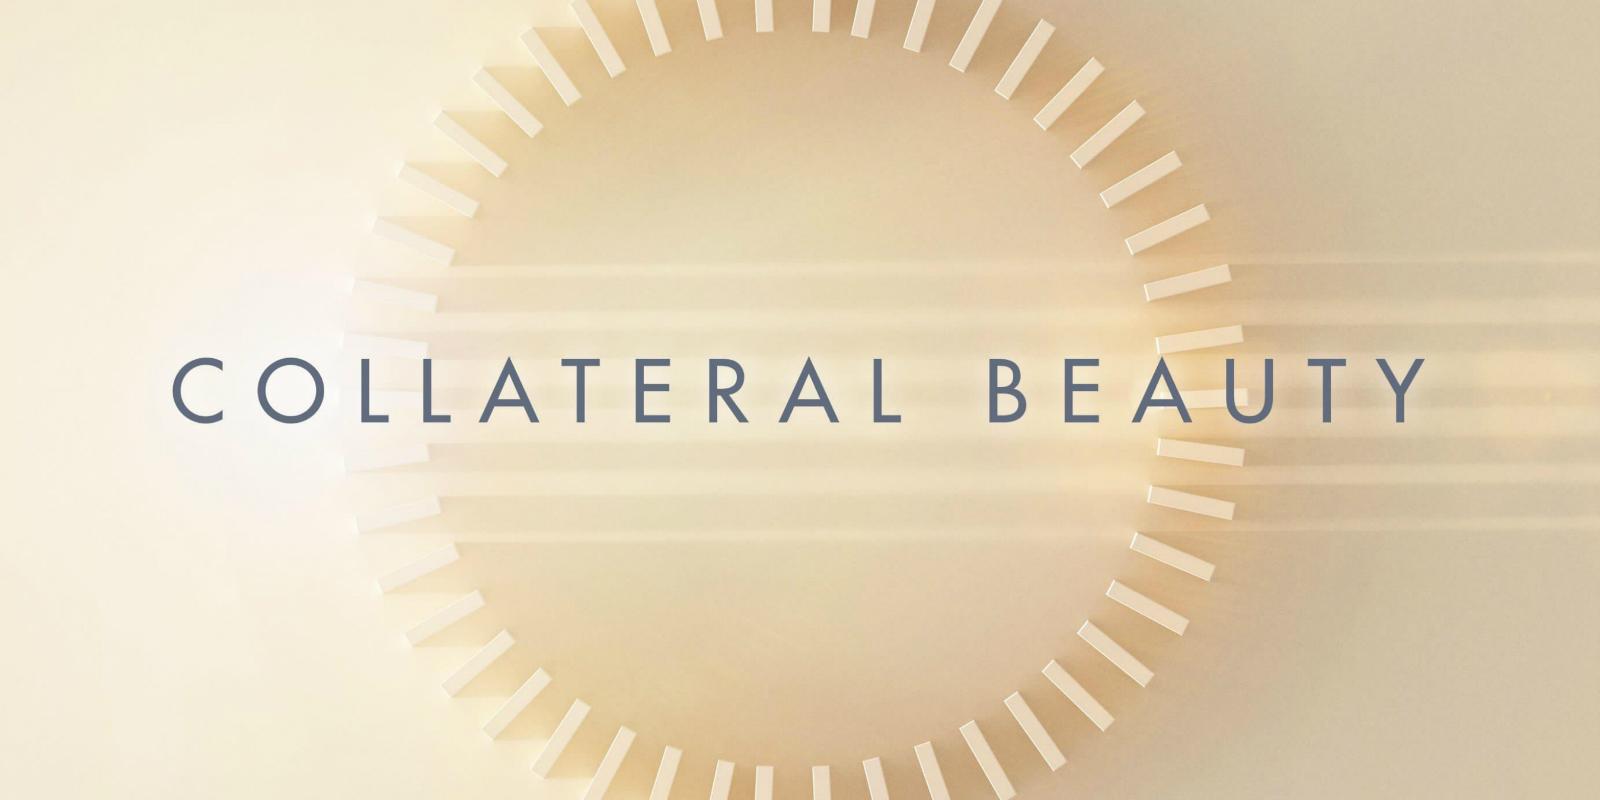 Immagine promozionale di Collateral Beauty, con le tessere del domino.